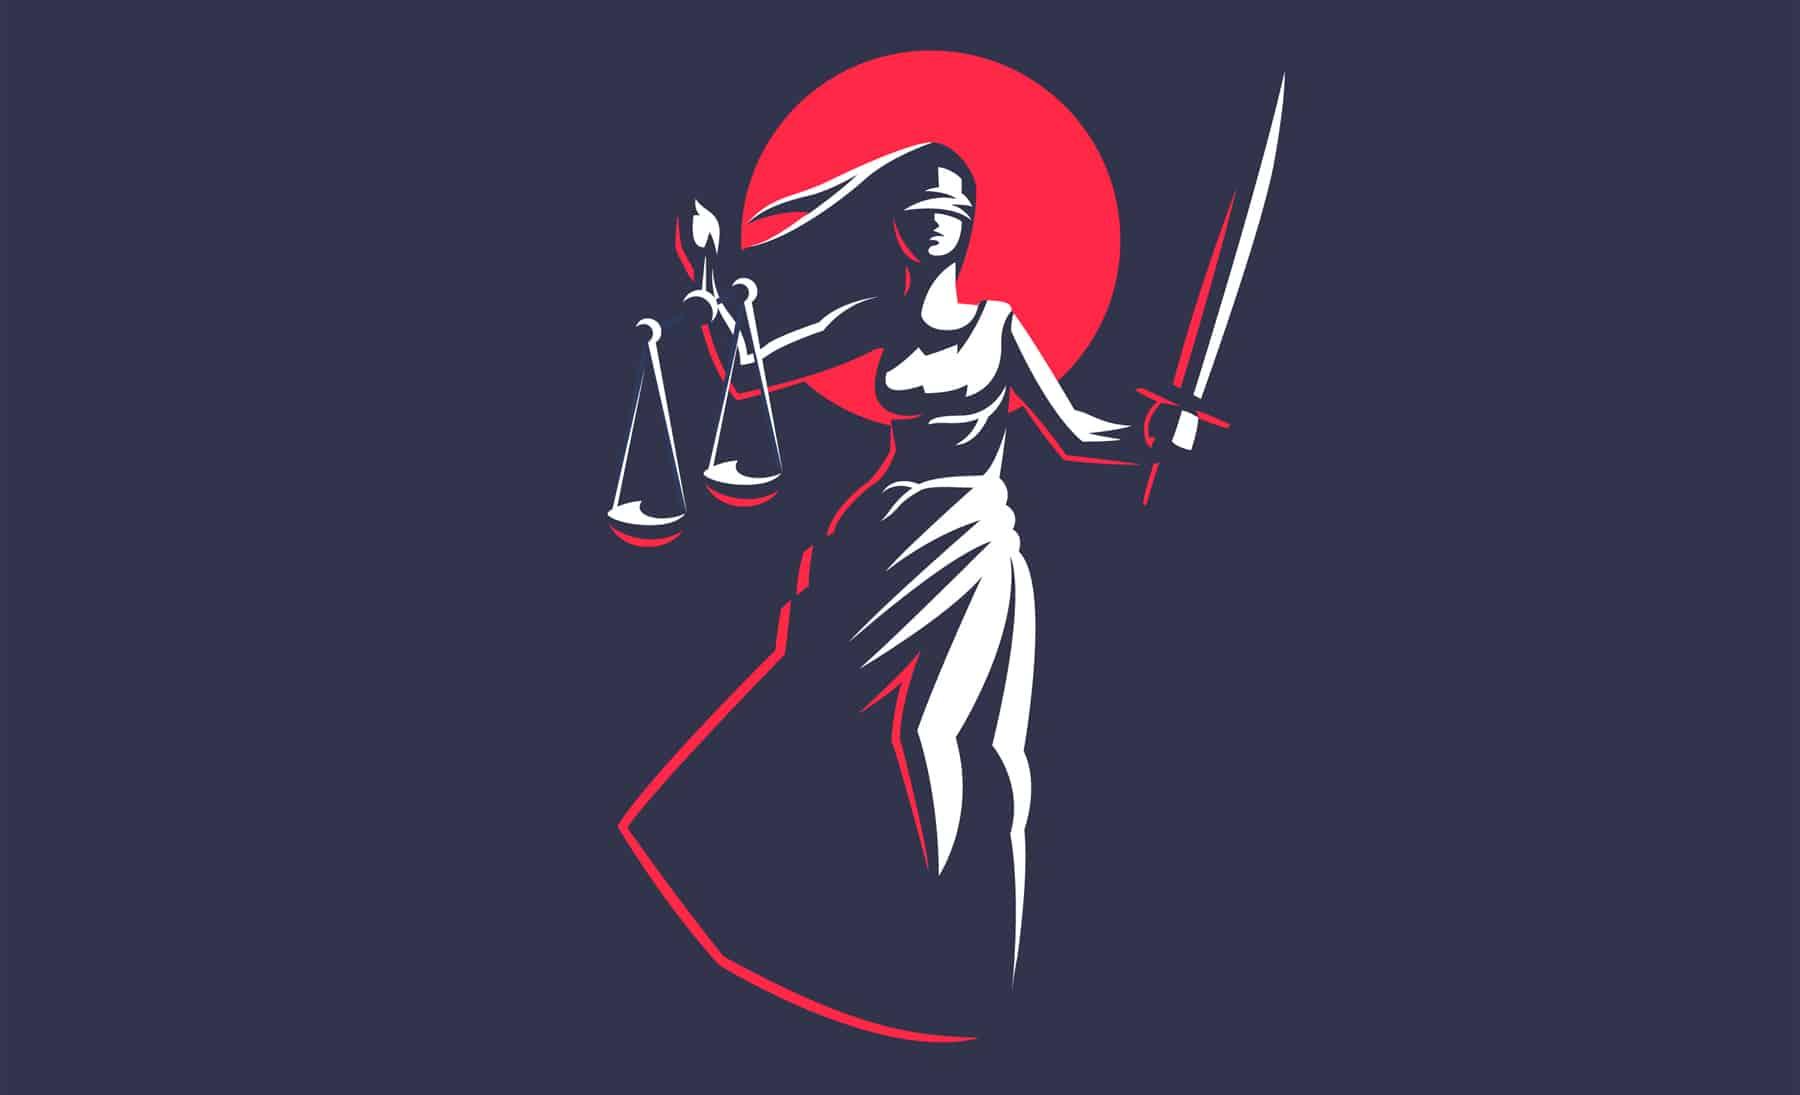 עורך דין פלילי - מיהו ומה תפקידו